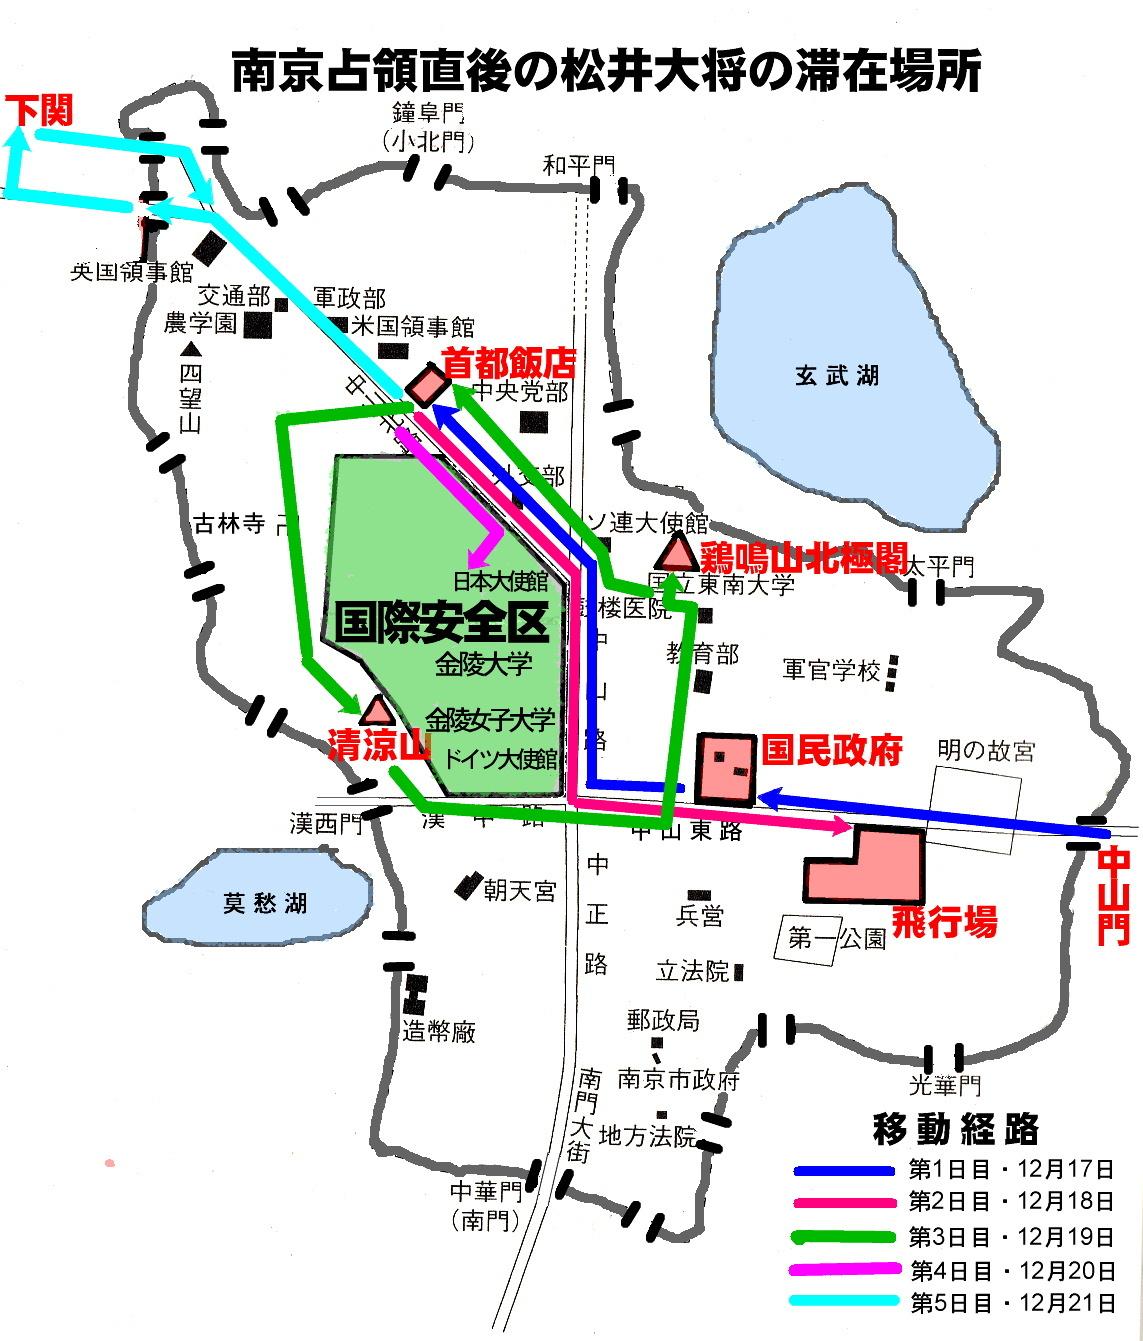 南京占領直後の松井大将の場内移動経路